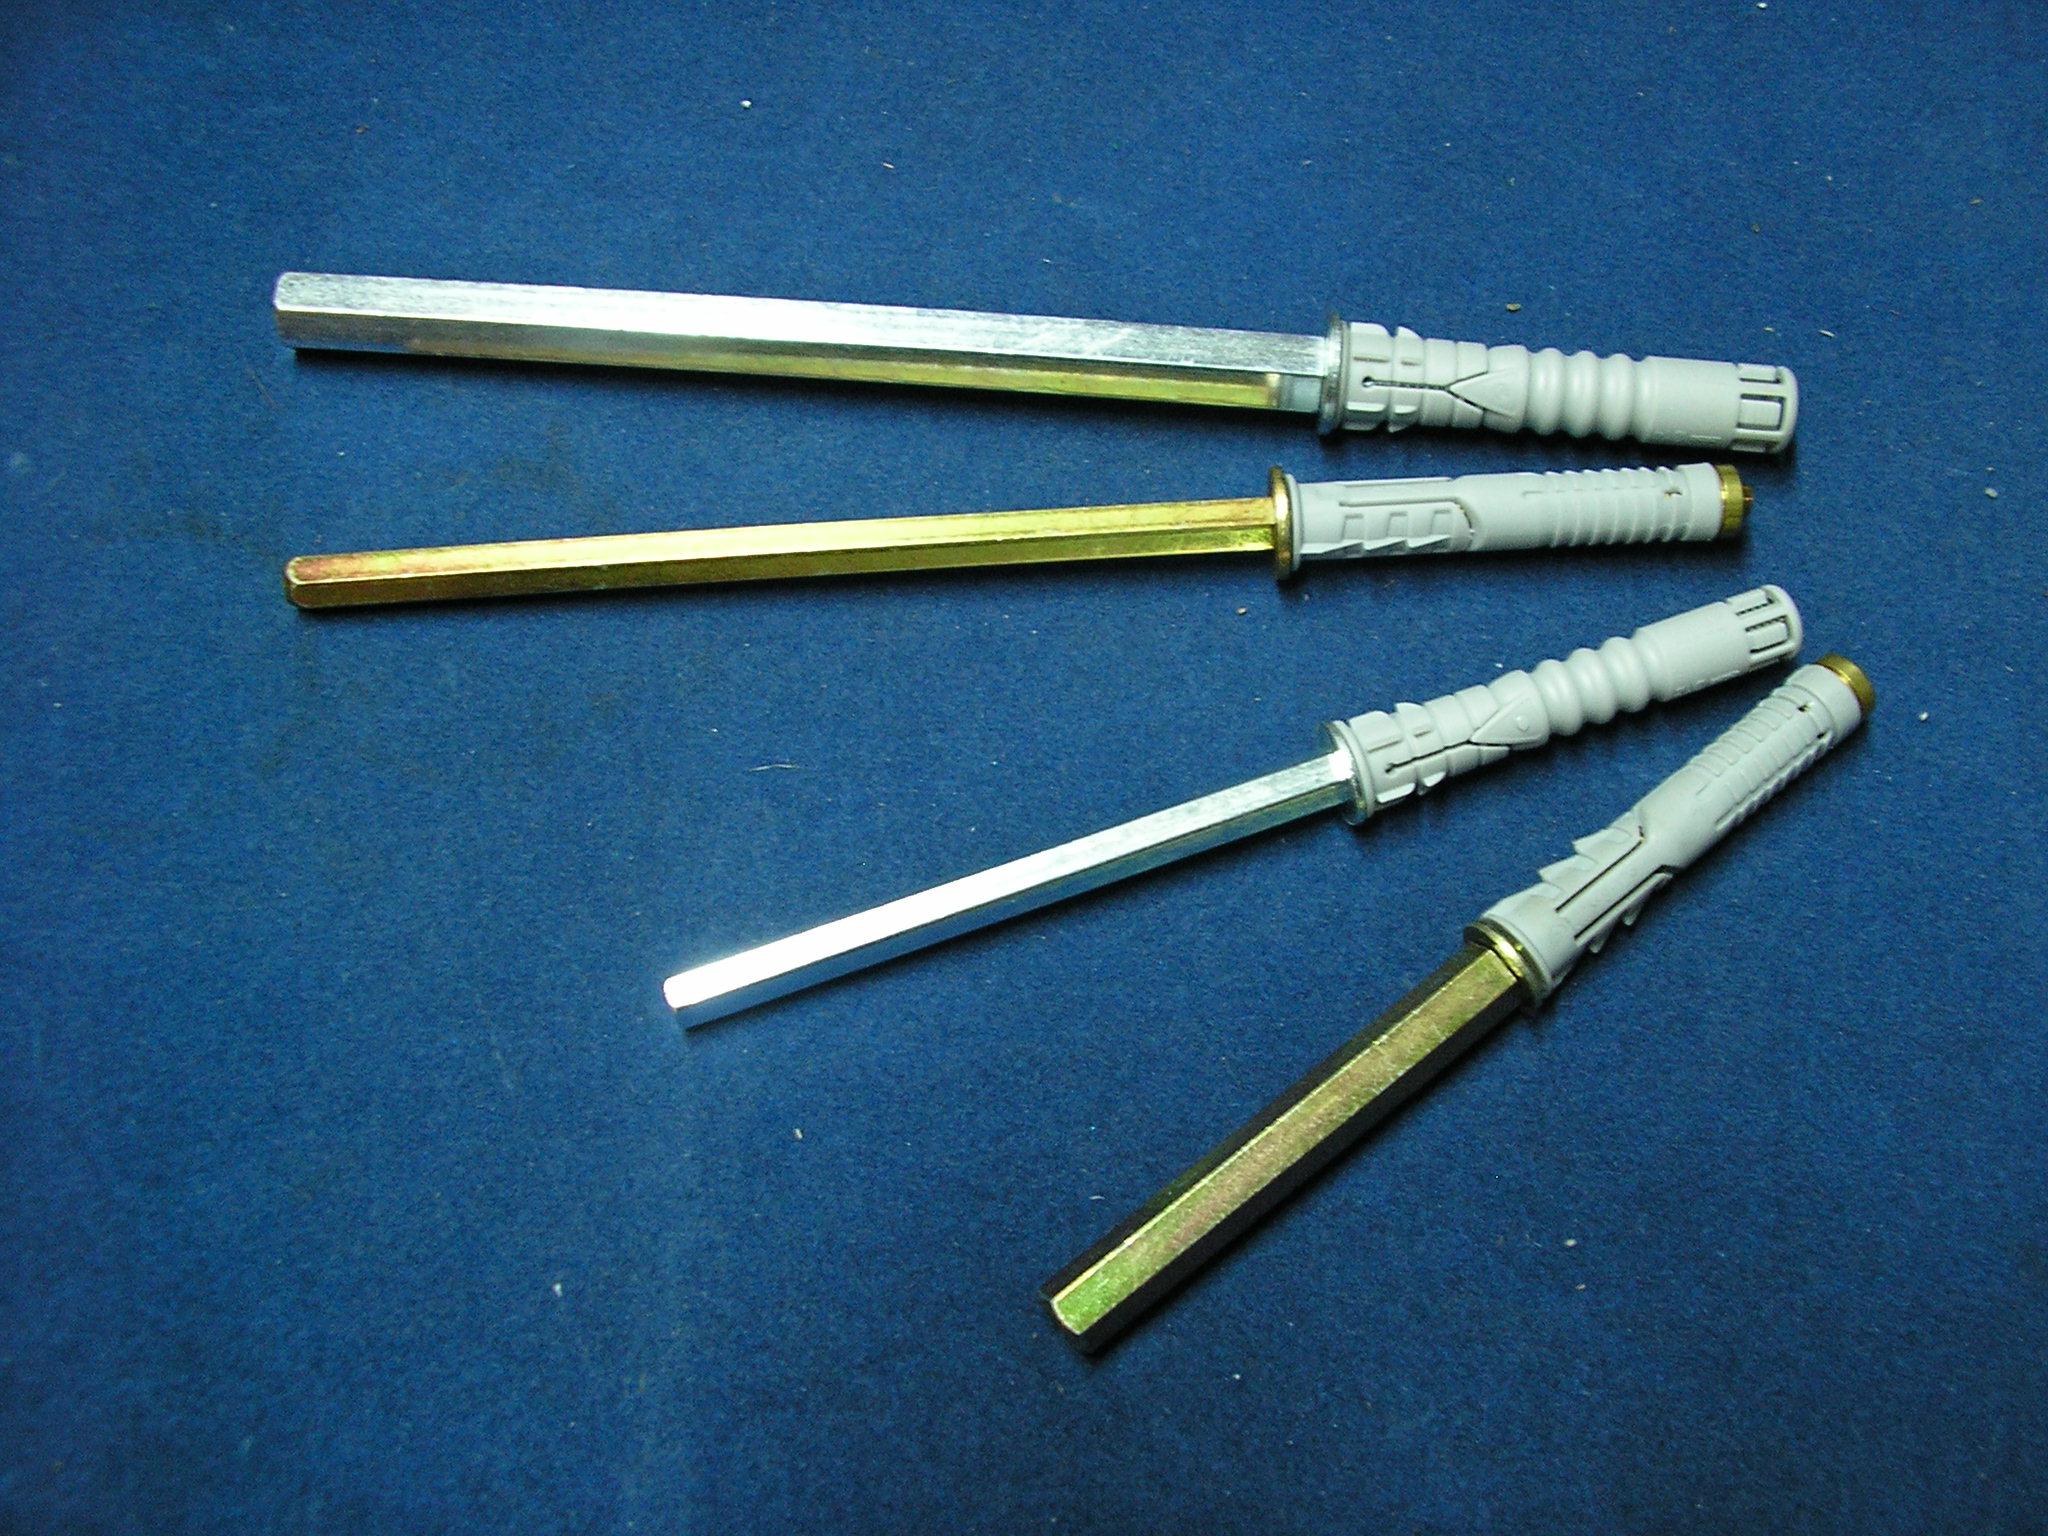 Sistemi Fissaggio Mensole A Scomparsa.Cpf8 70 Mensole Scomparsa 1610 1 40eur Forestools Prodotti E